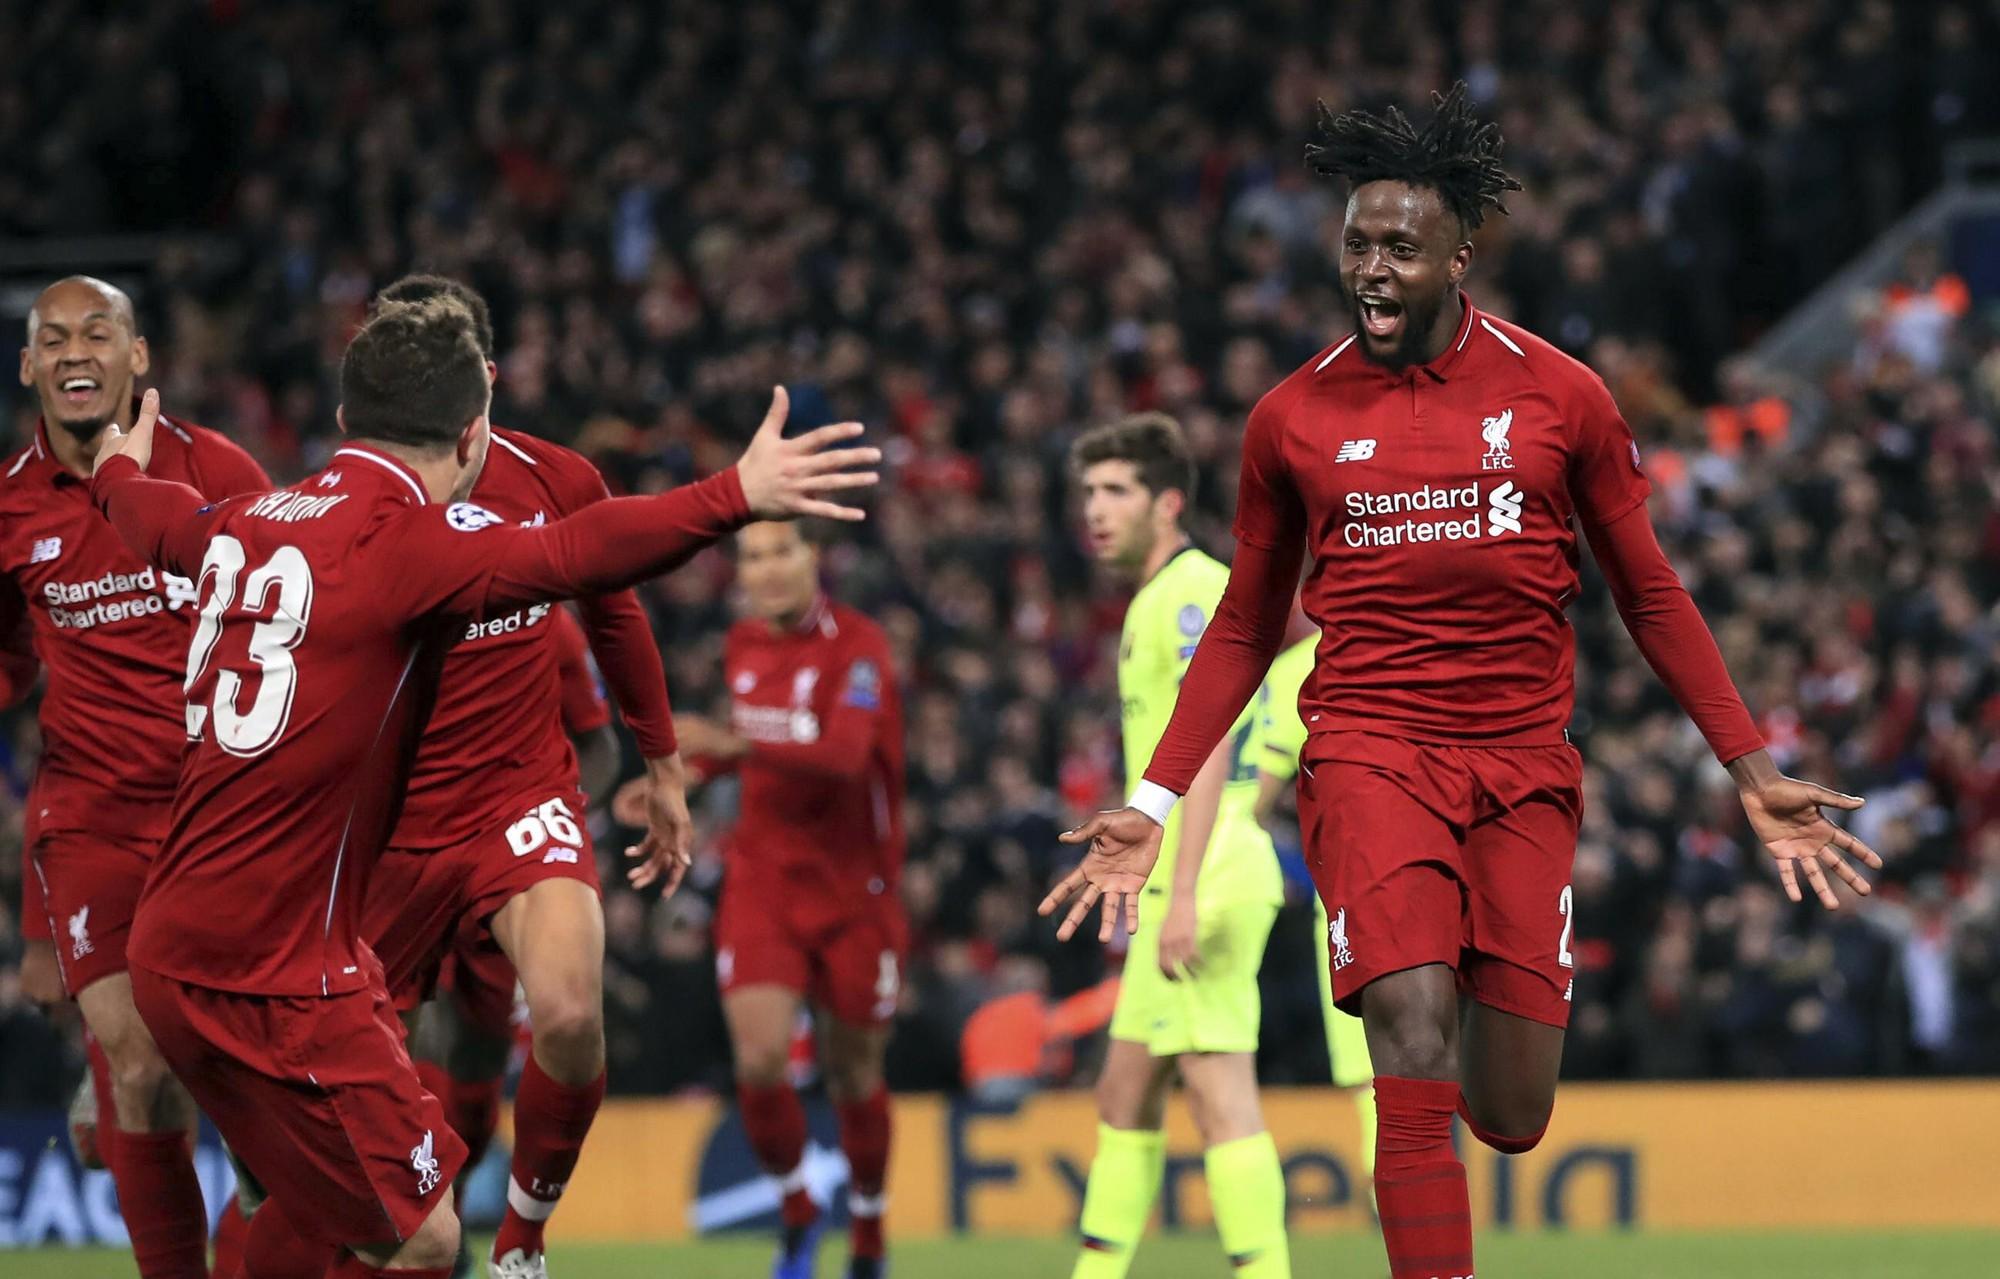 Không bao giờ bỏ cuộc - có một Tân Hiệp Phát và Liverpool giống nhau đến thế - Ảnh 1.